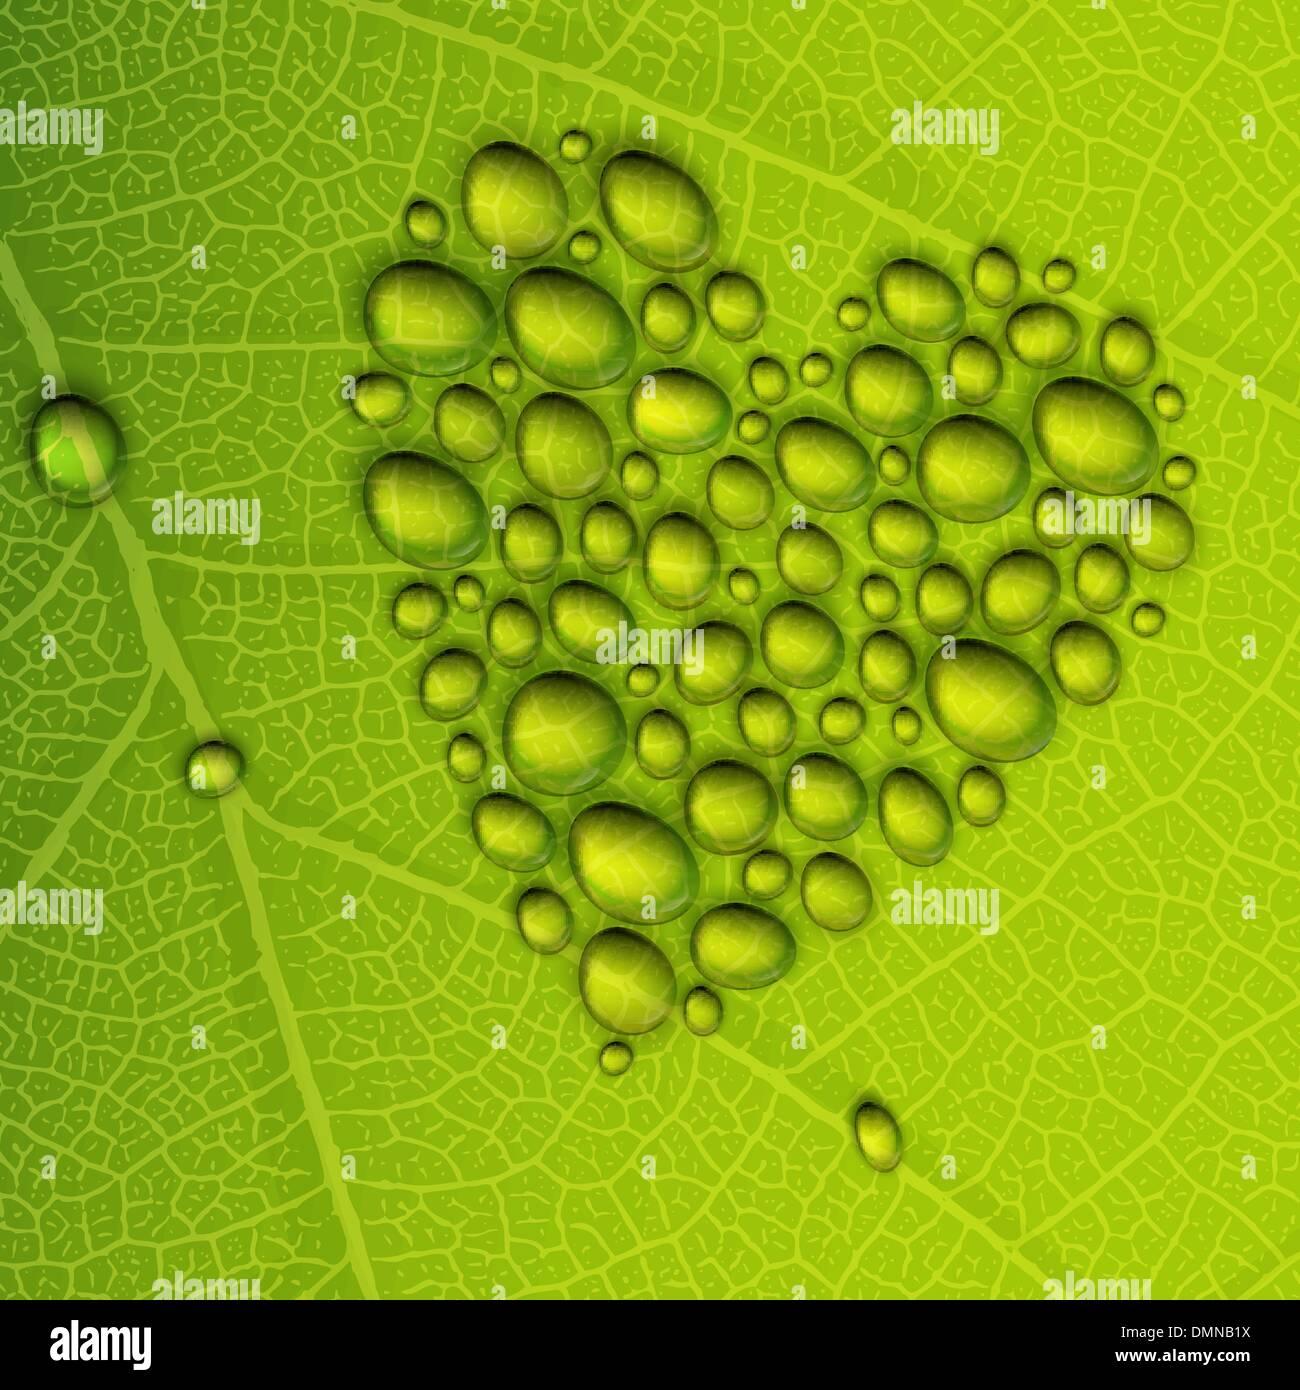 Forma di cuore gocce di rugiada sulla foglia verde. Illustrazione vettoriale EPS10 Illustrazione Vettoriale